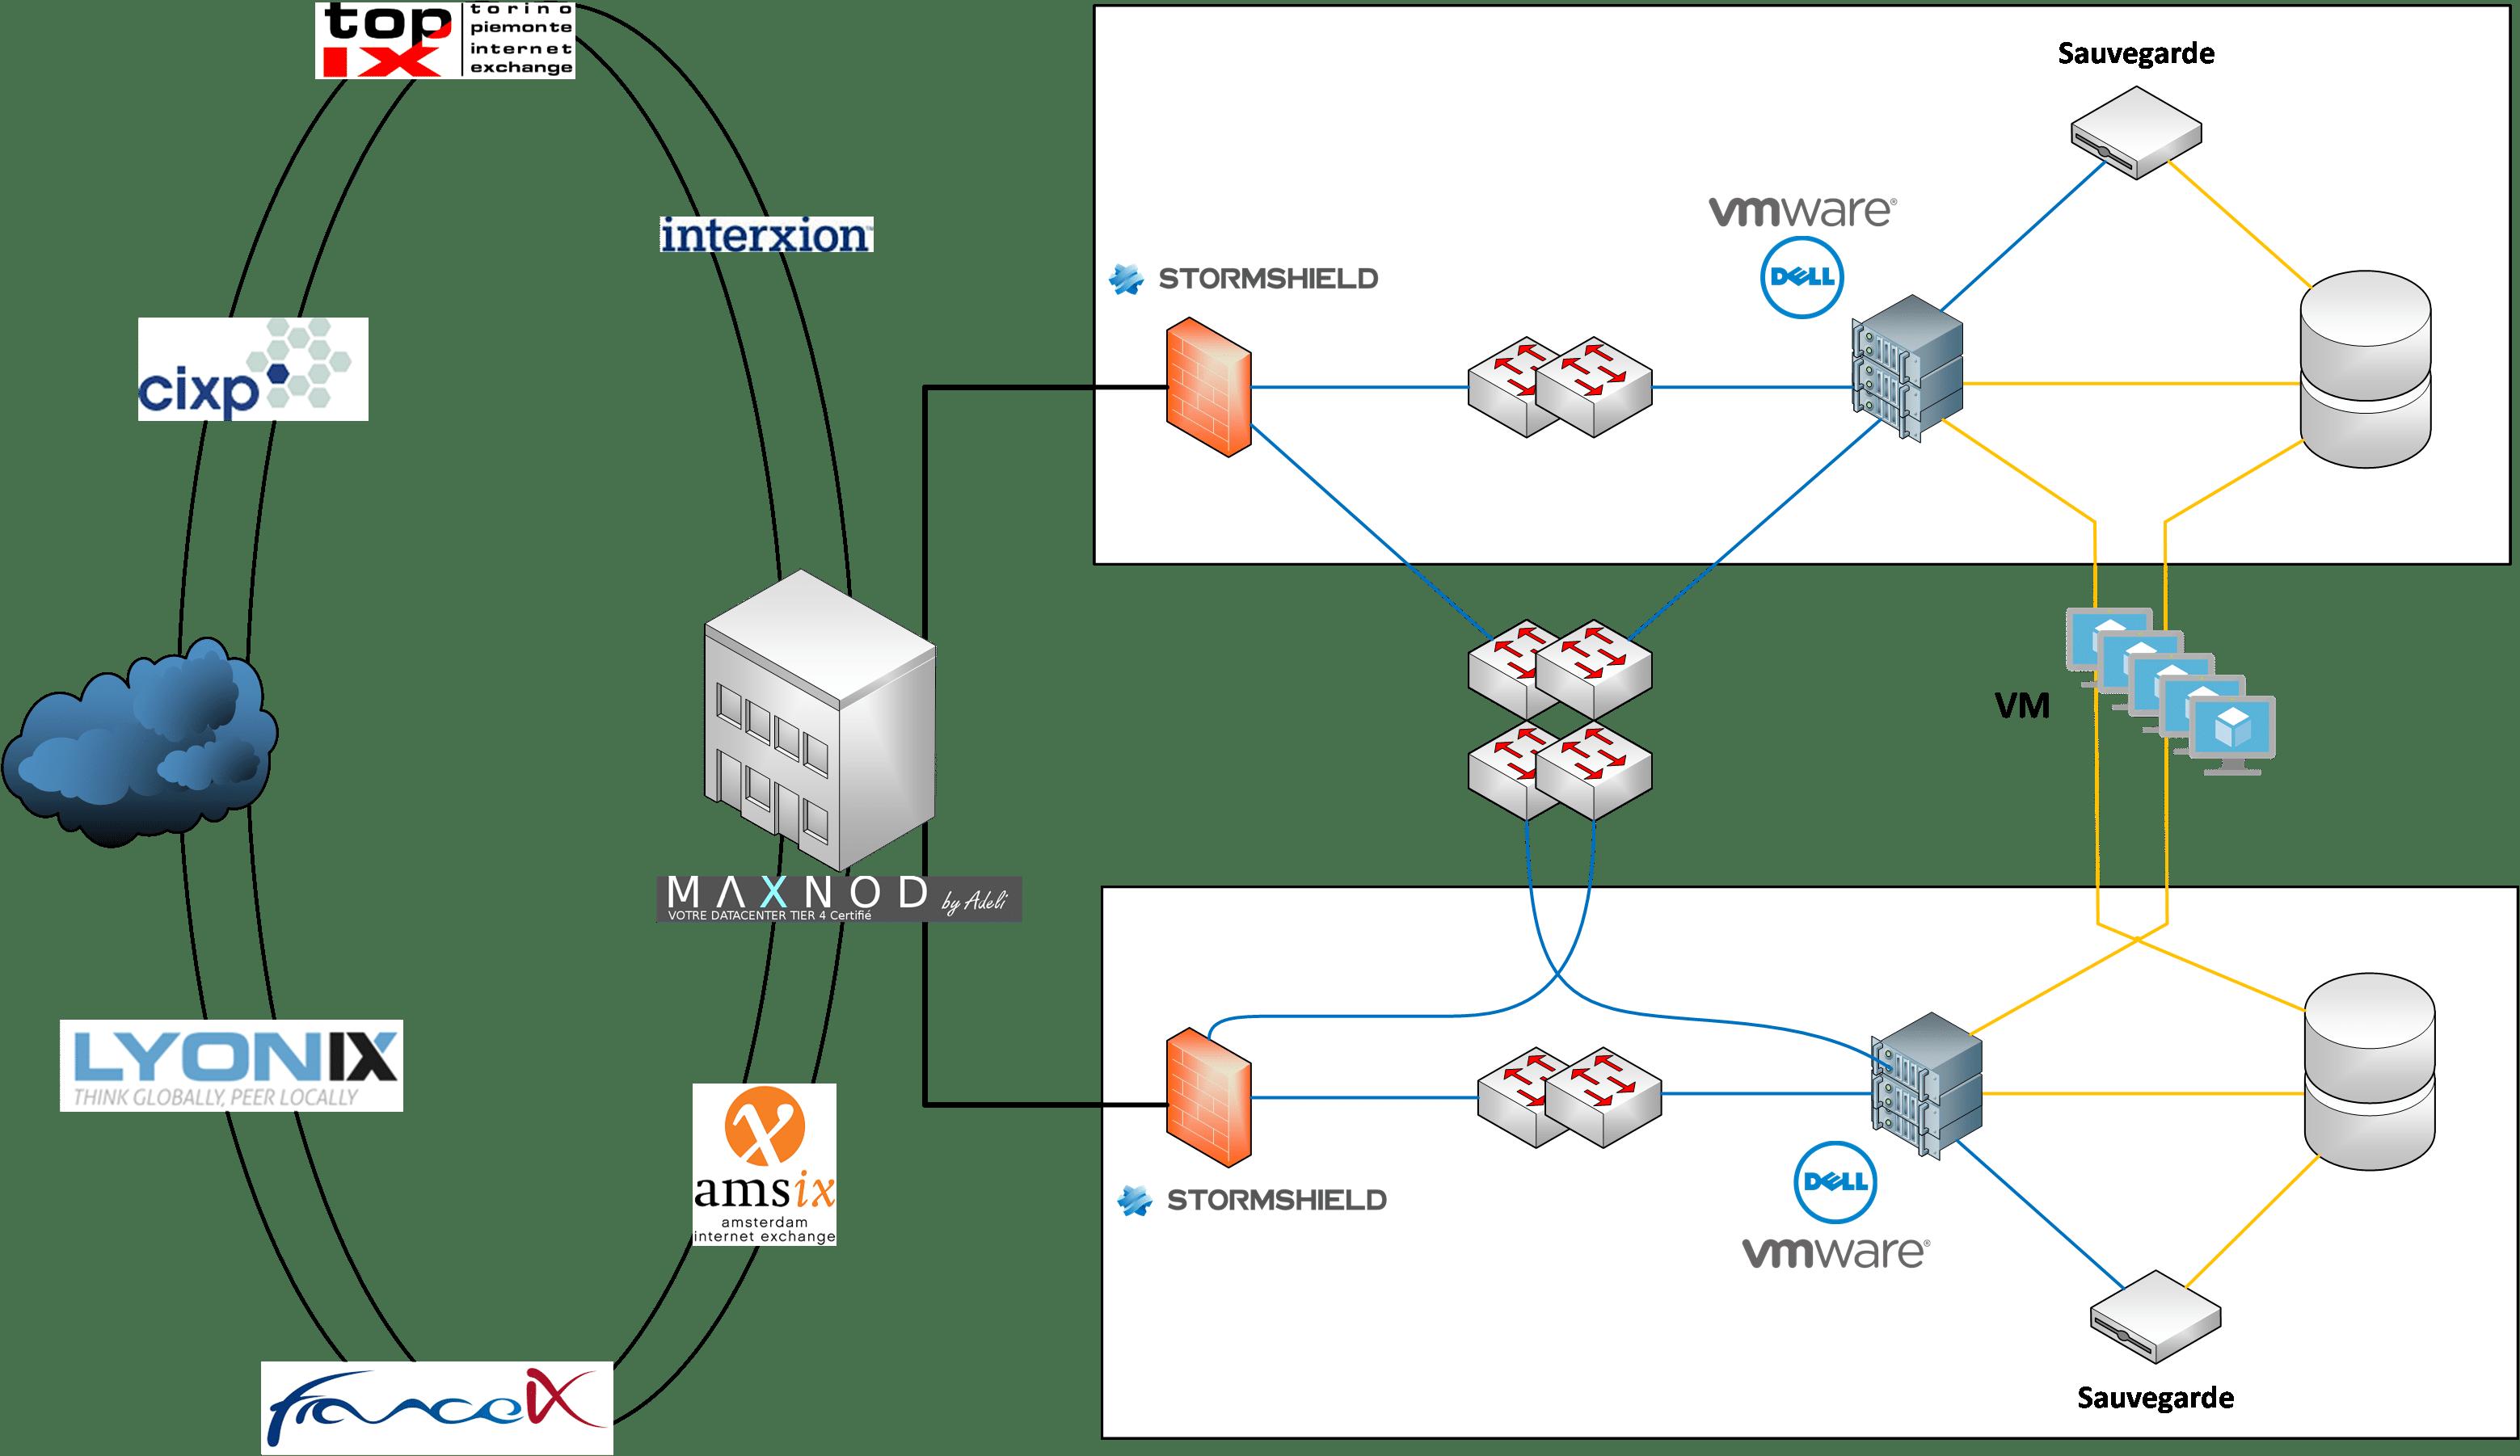 réseau ComNot